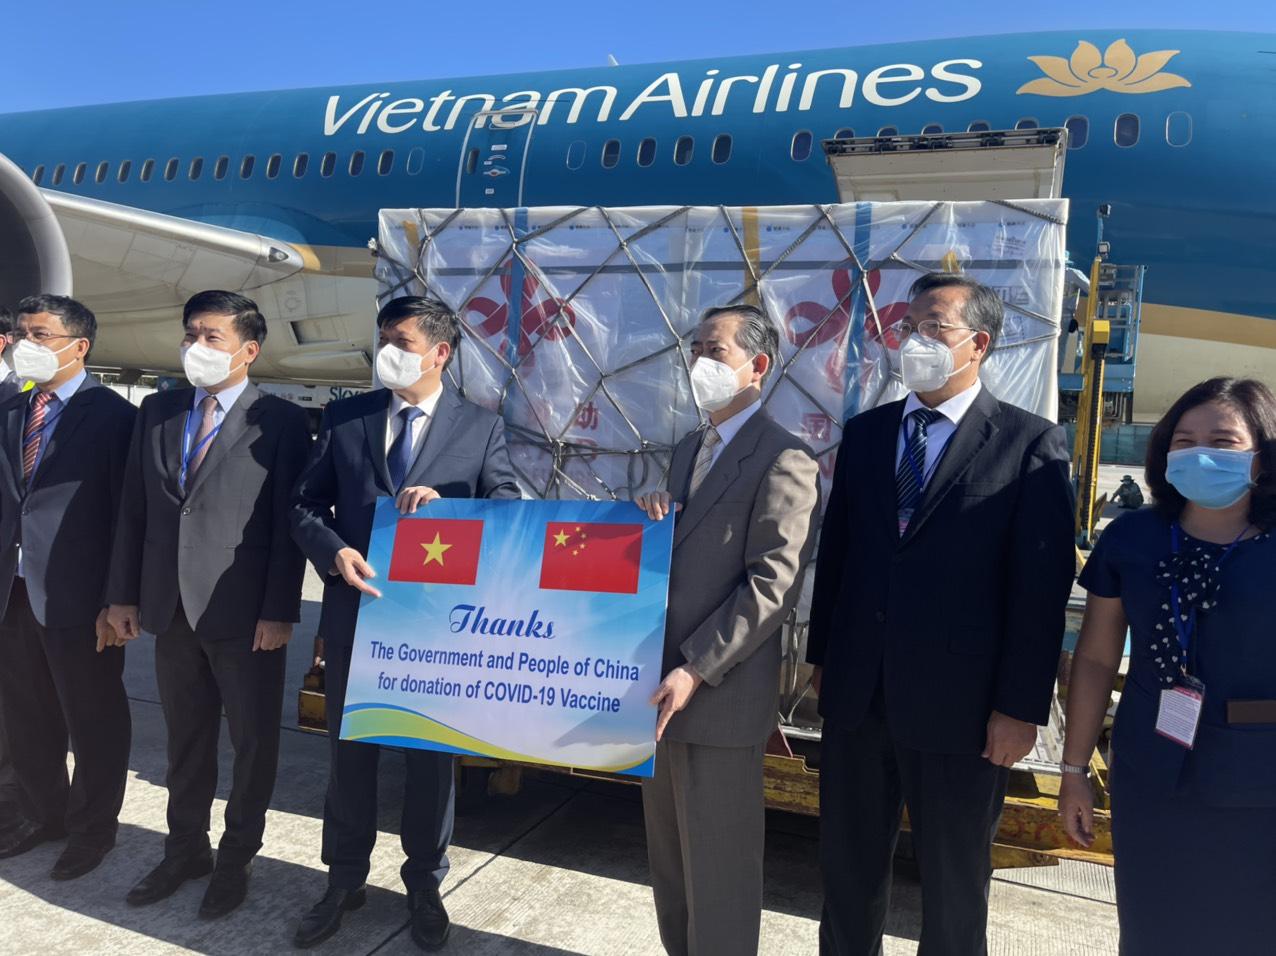 Cận cảnh 500.000 liều vắc xin Covid-19 do Trung Quốc hỗ trợ đã về tới Việt Nam - Ảnh 1.